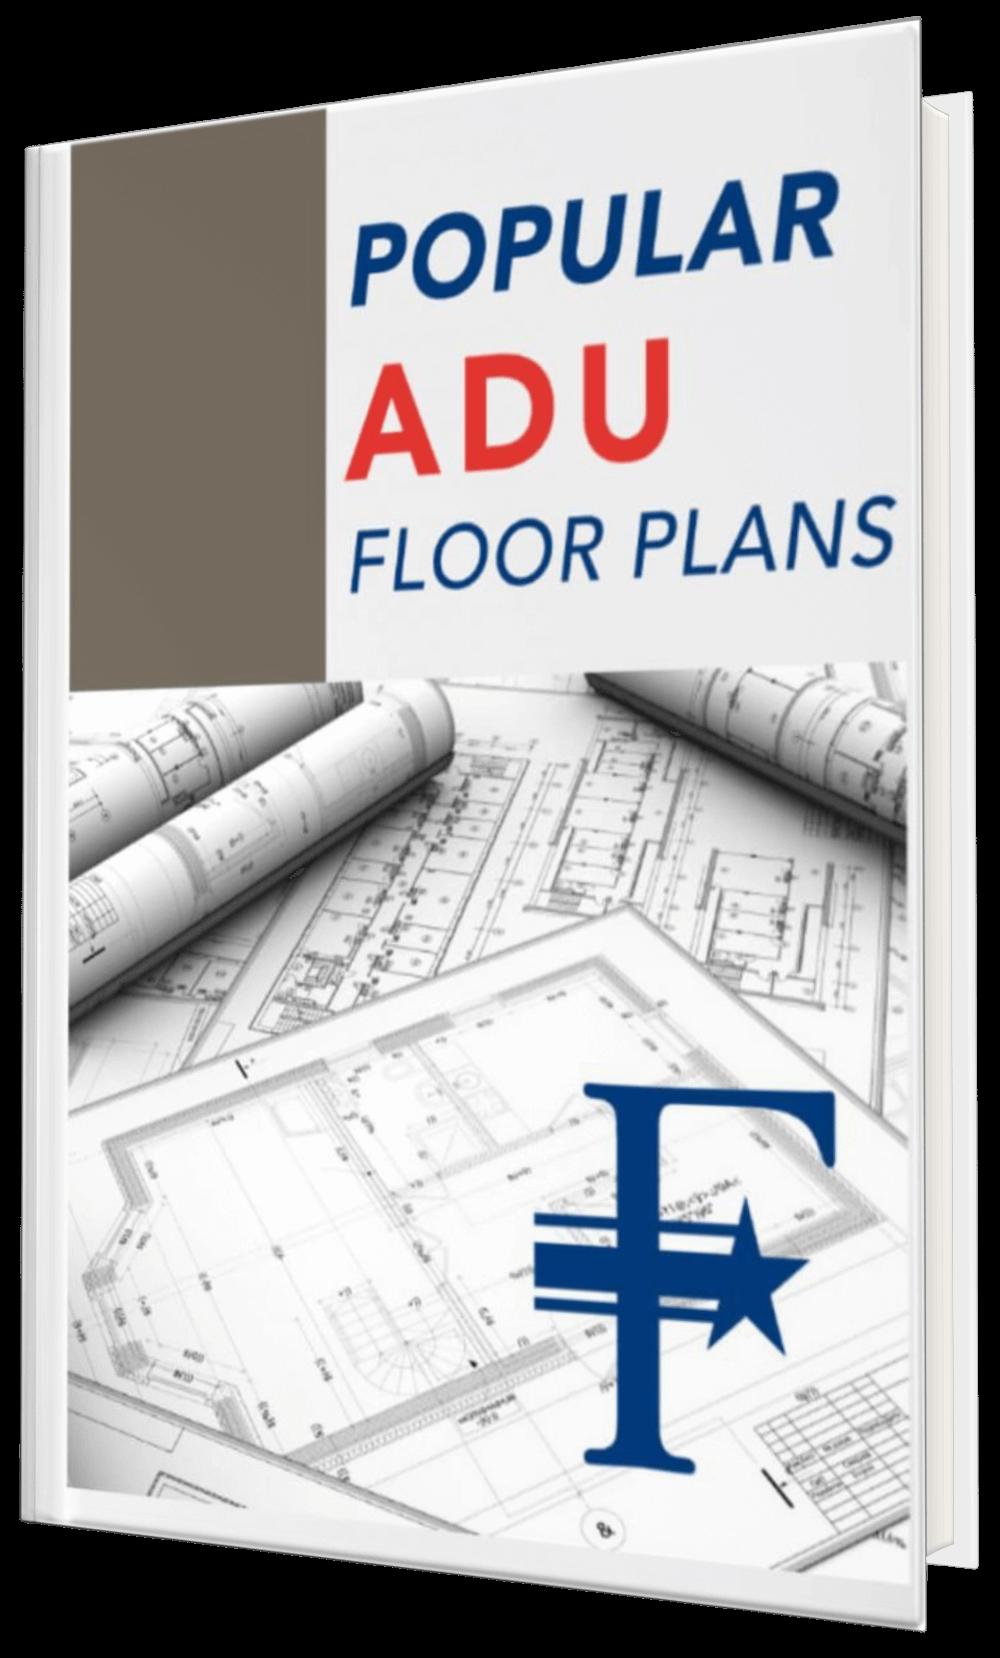 Popular ADU Floor Plans